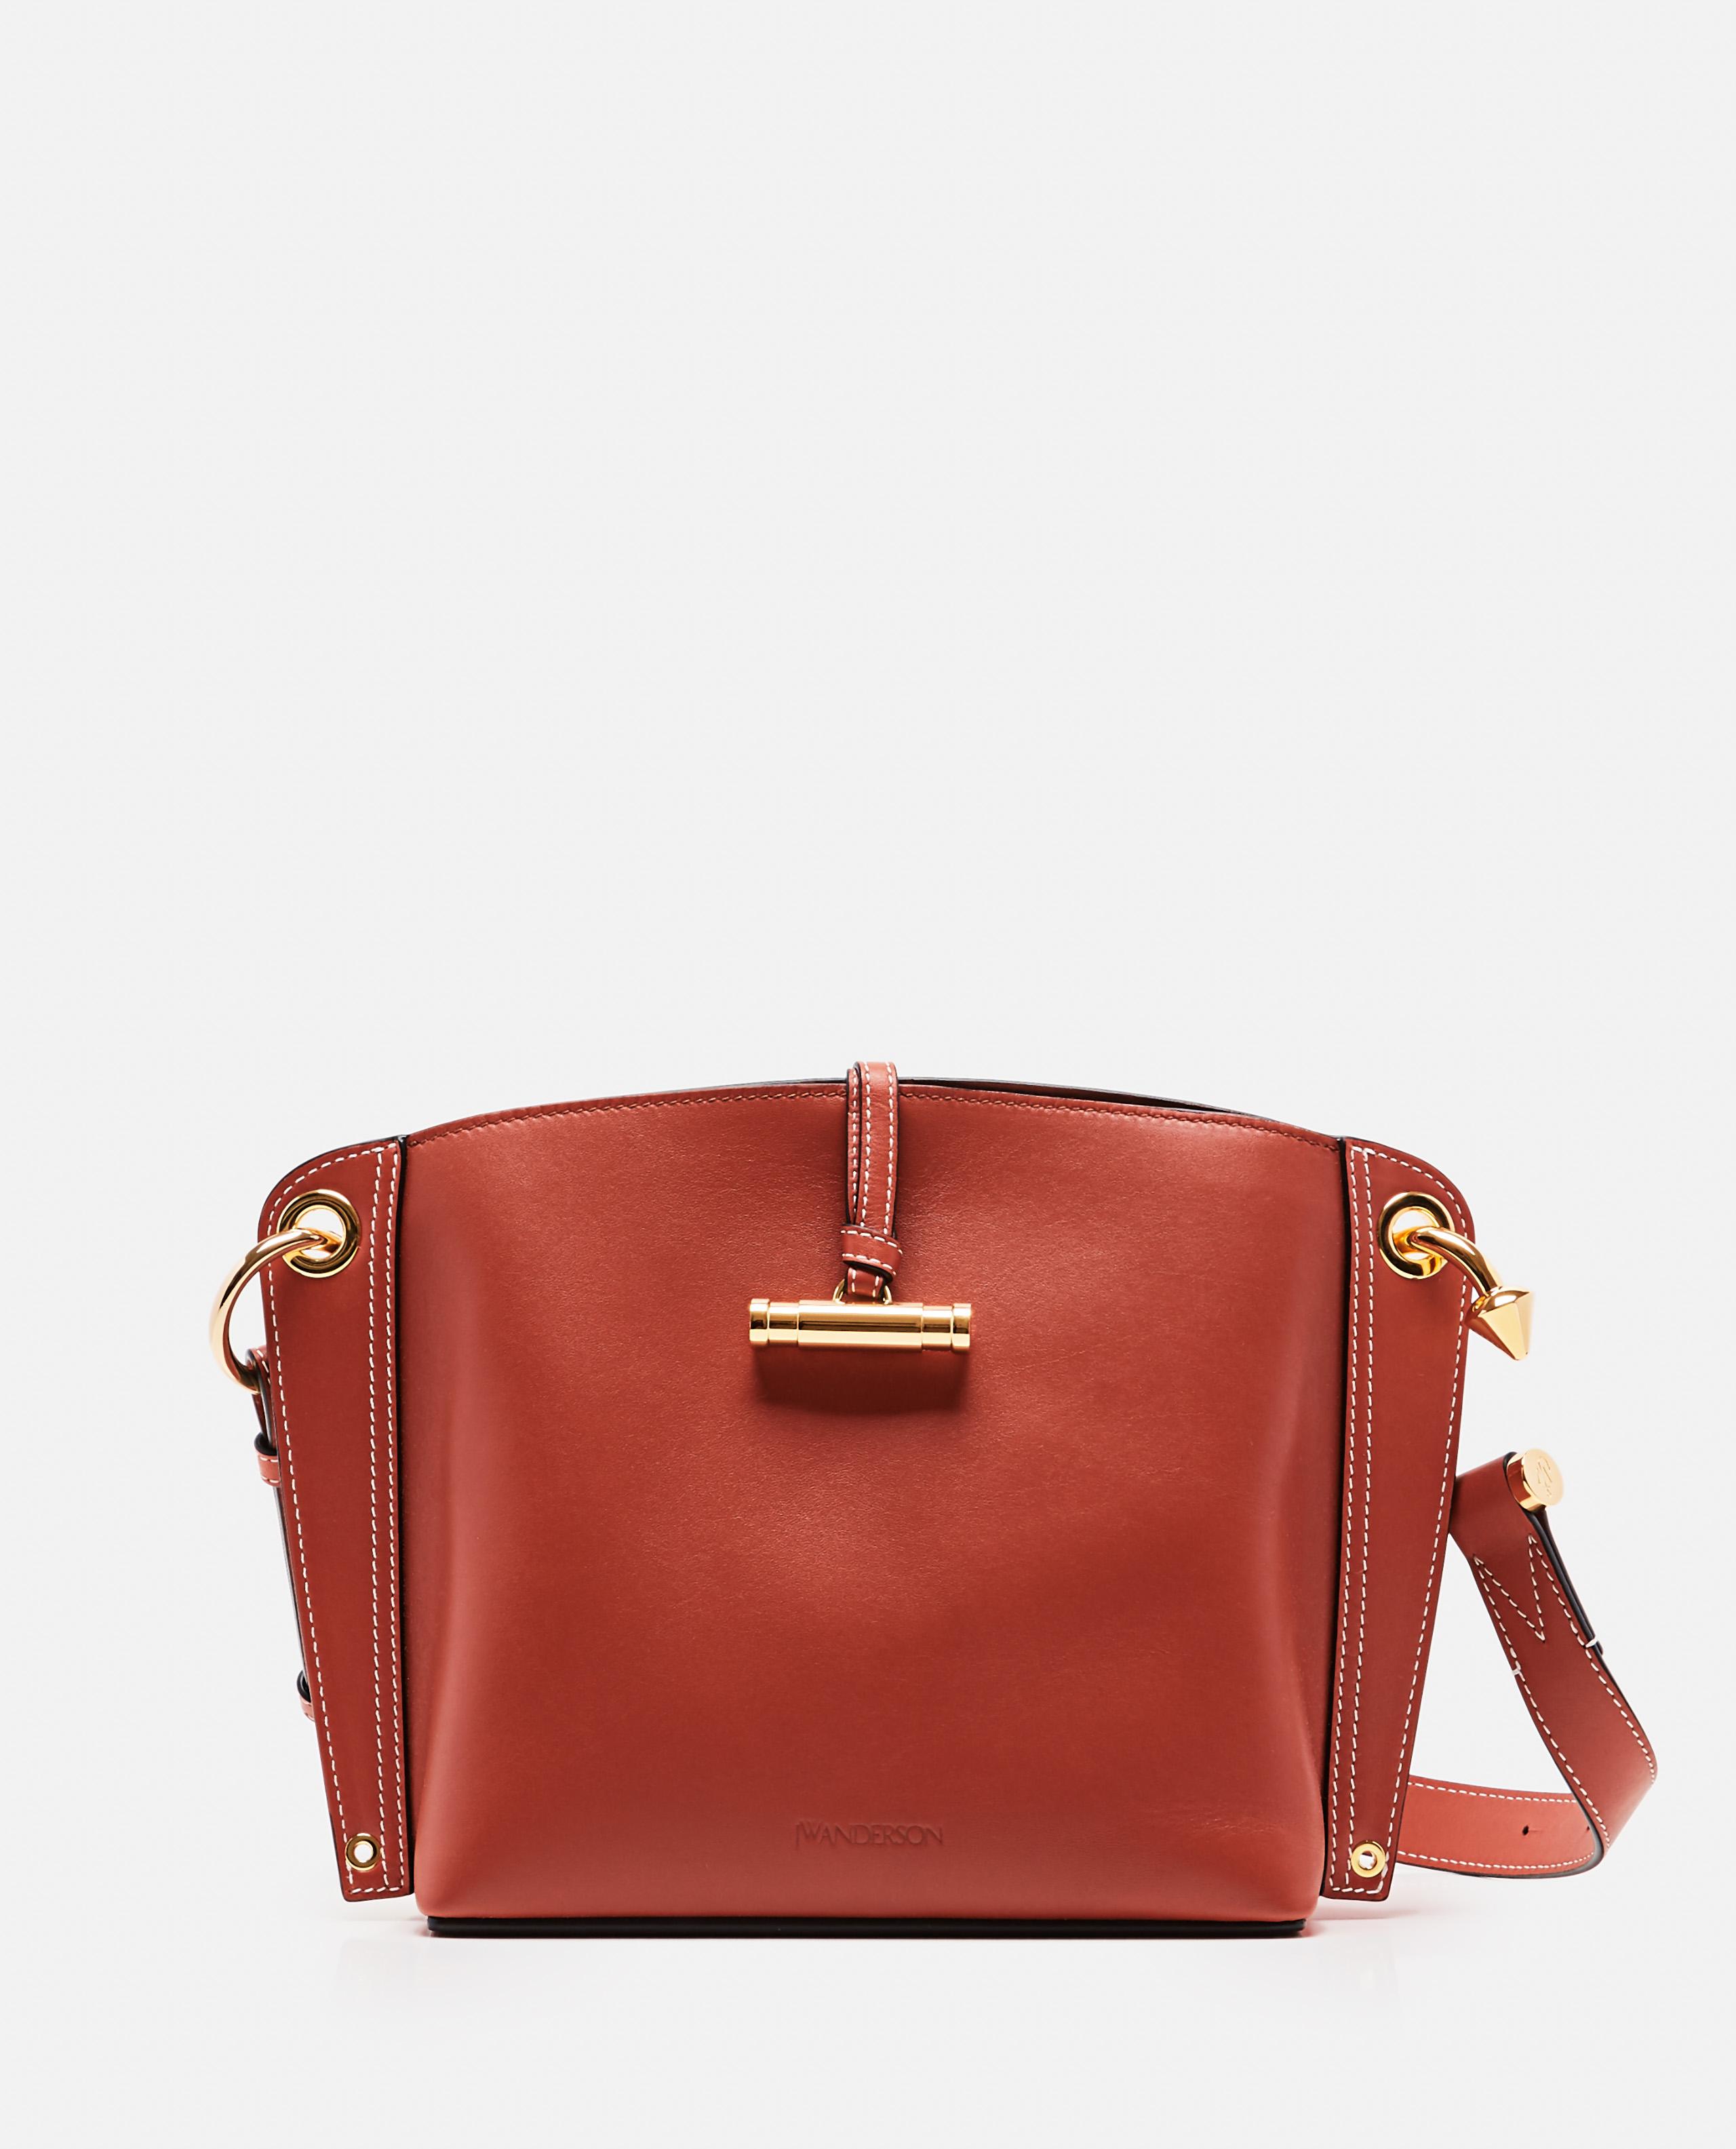 Structured leather shoulder bag